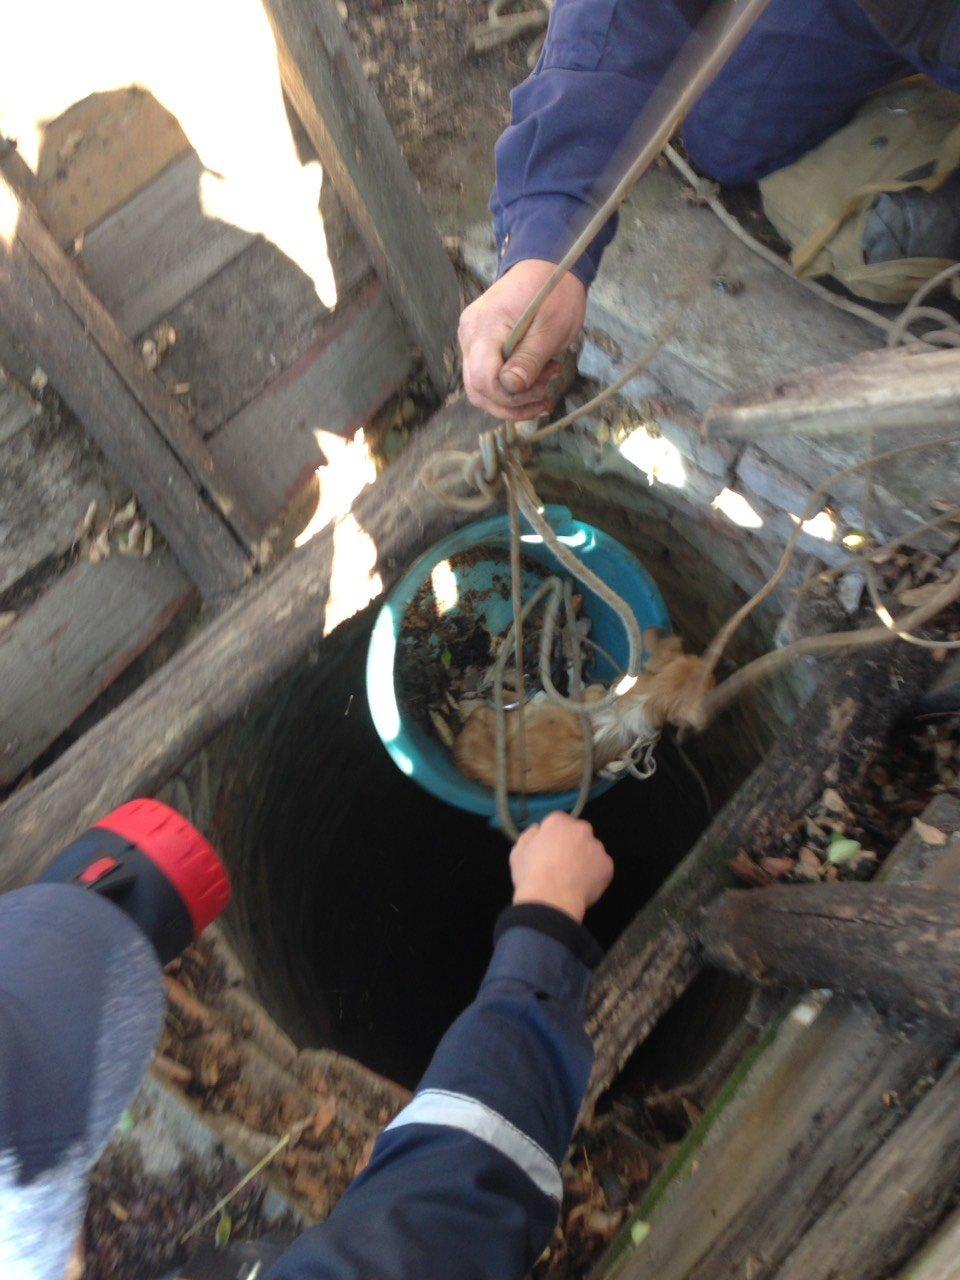 Запорожские спасатели вытащили упавшего щенка из 15-метрового колодца, – ФОТО, фото-1